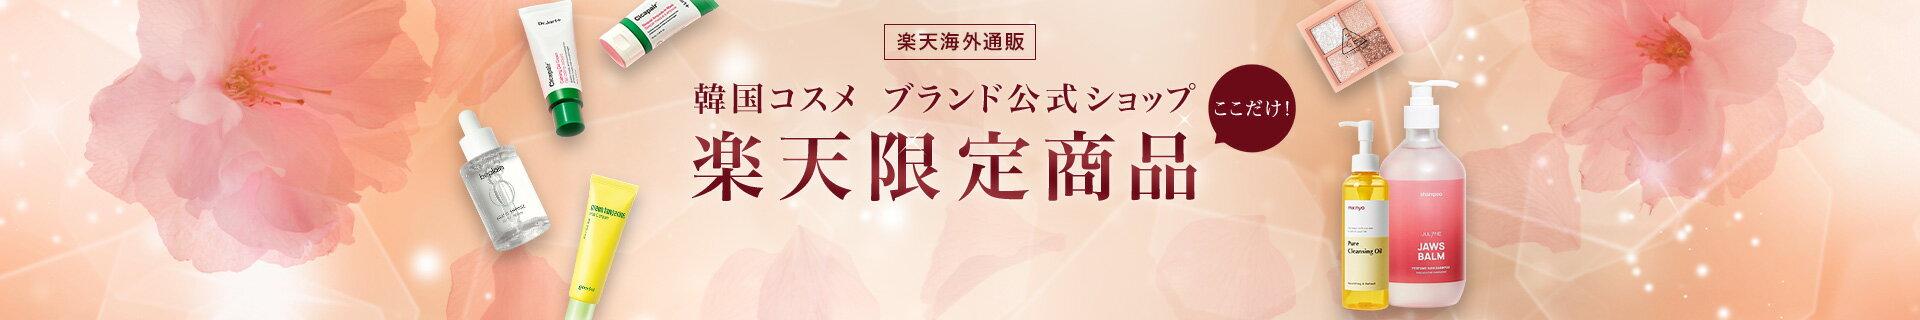 韓国コスメ楽天限定商品│ブランド公式ショップから海外通販!他では買えない楽天だけの限定コスメ